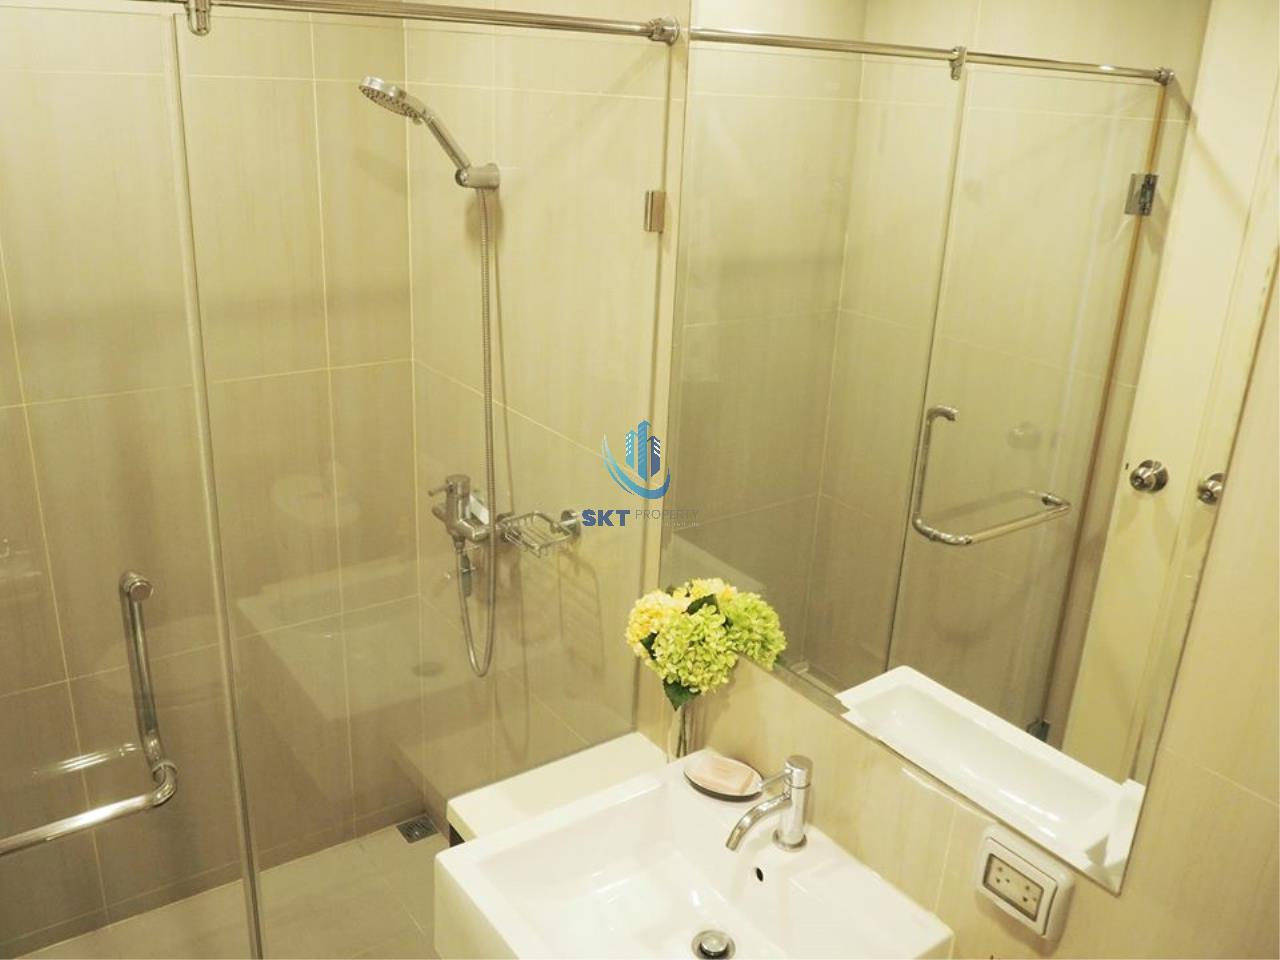 Sukritta Property Agency's Rent Villa Asoke Near MRT Pechaburi 4